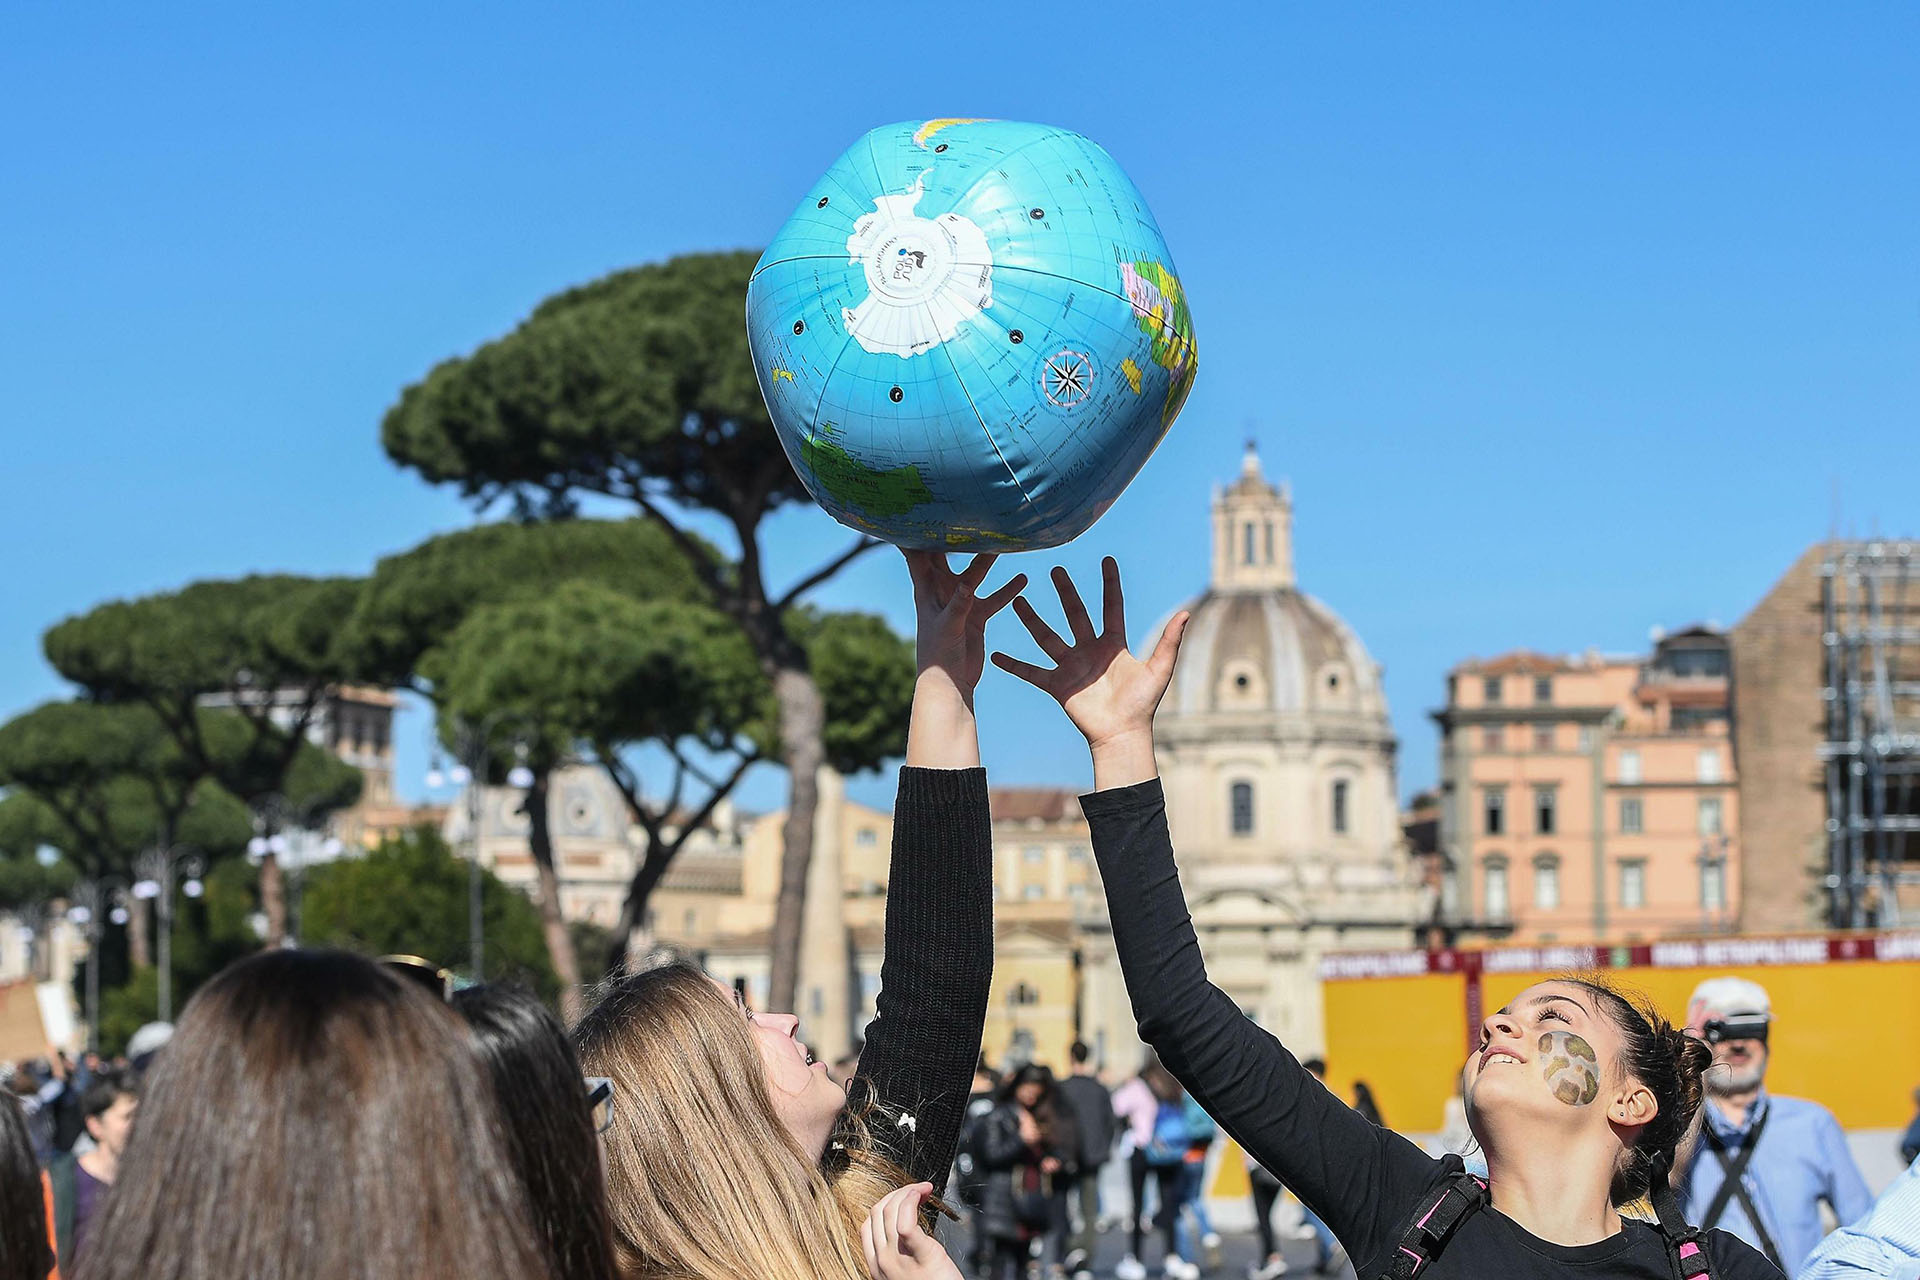 Estudiantes de todo el mundo se manifestaron este viernes para exigir a los gobiernos que tomen medidas contra el calentamiento global(Foto: Alessandro Di Meo/ANSA via AP)